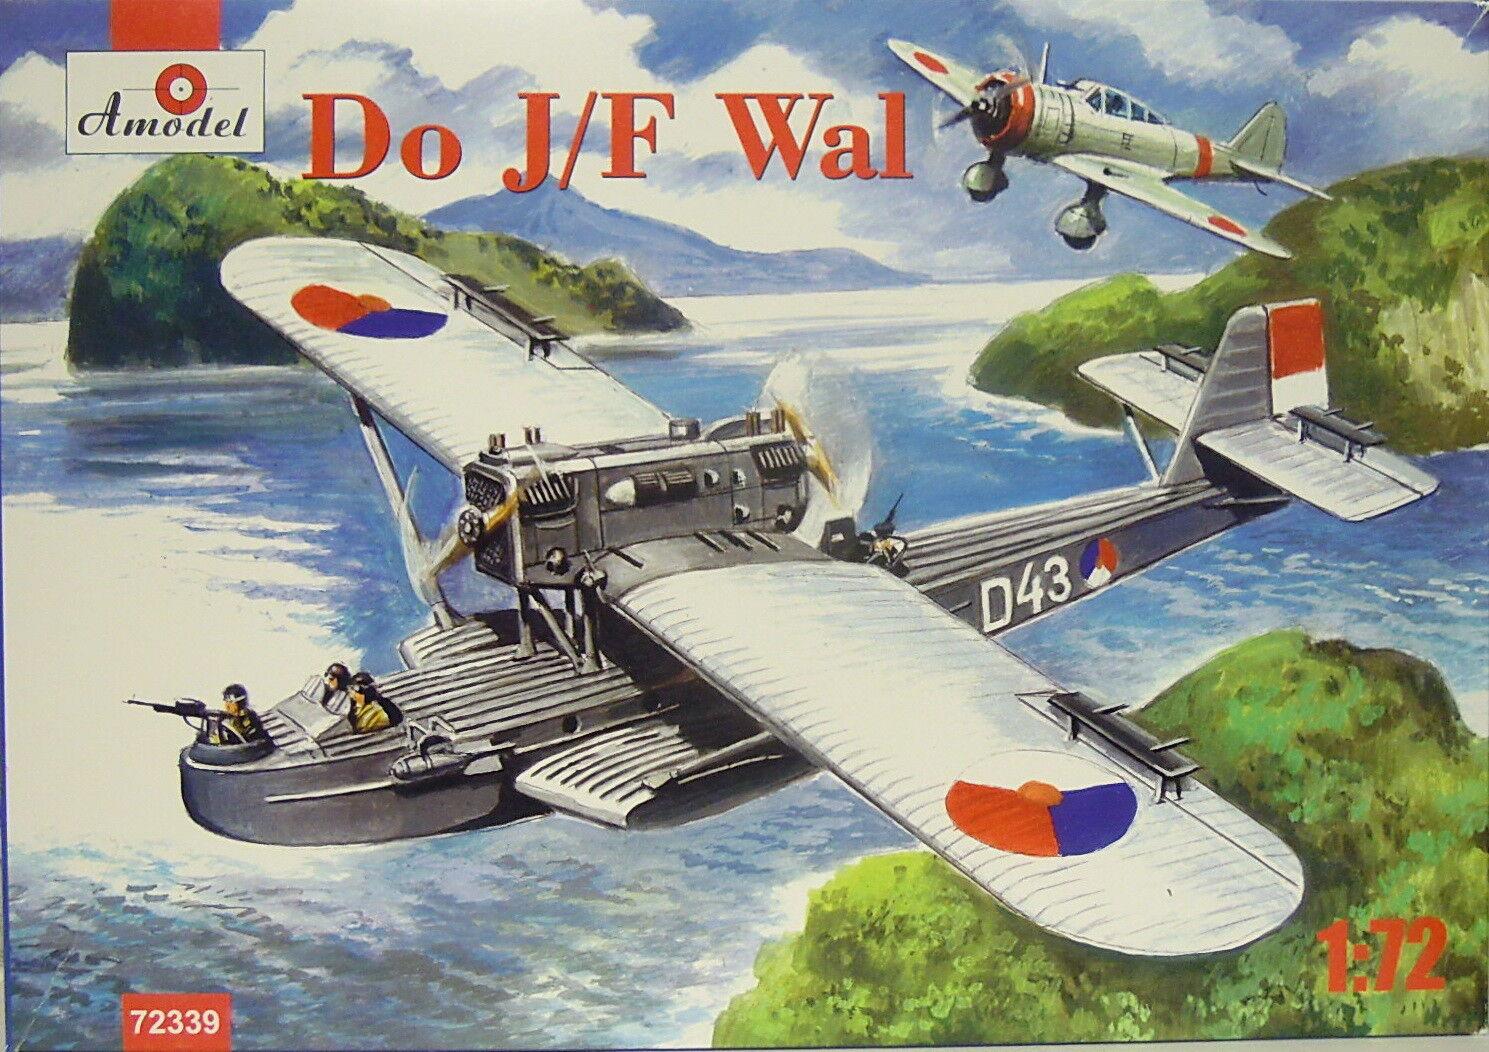 Flying Boat Dornier Do J F Whale  , Amodel, Netherlands, 1 72, Plastic,NEW